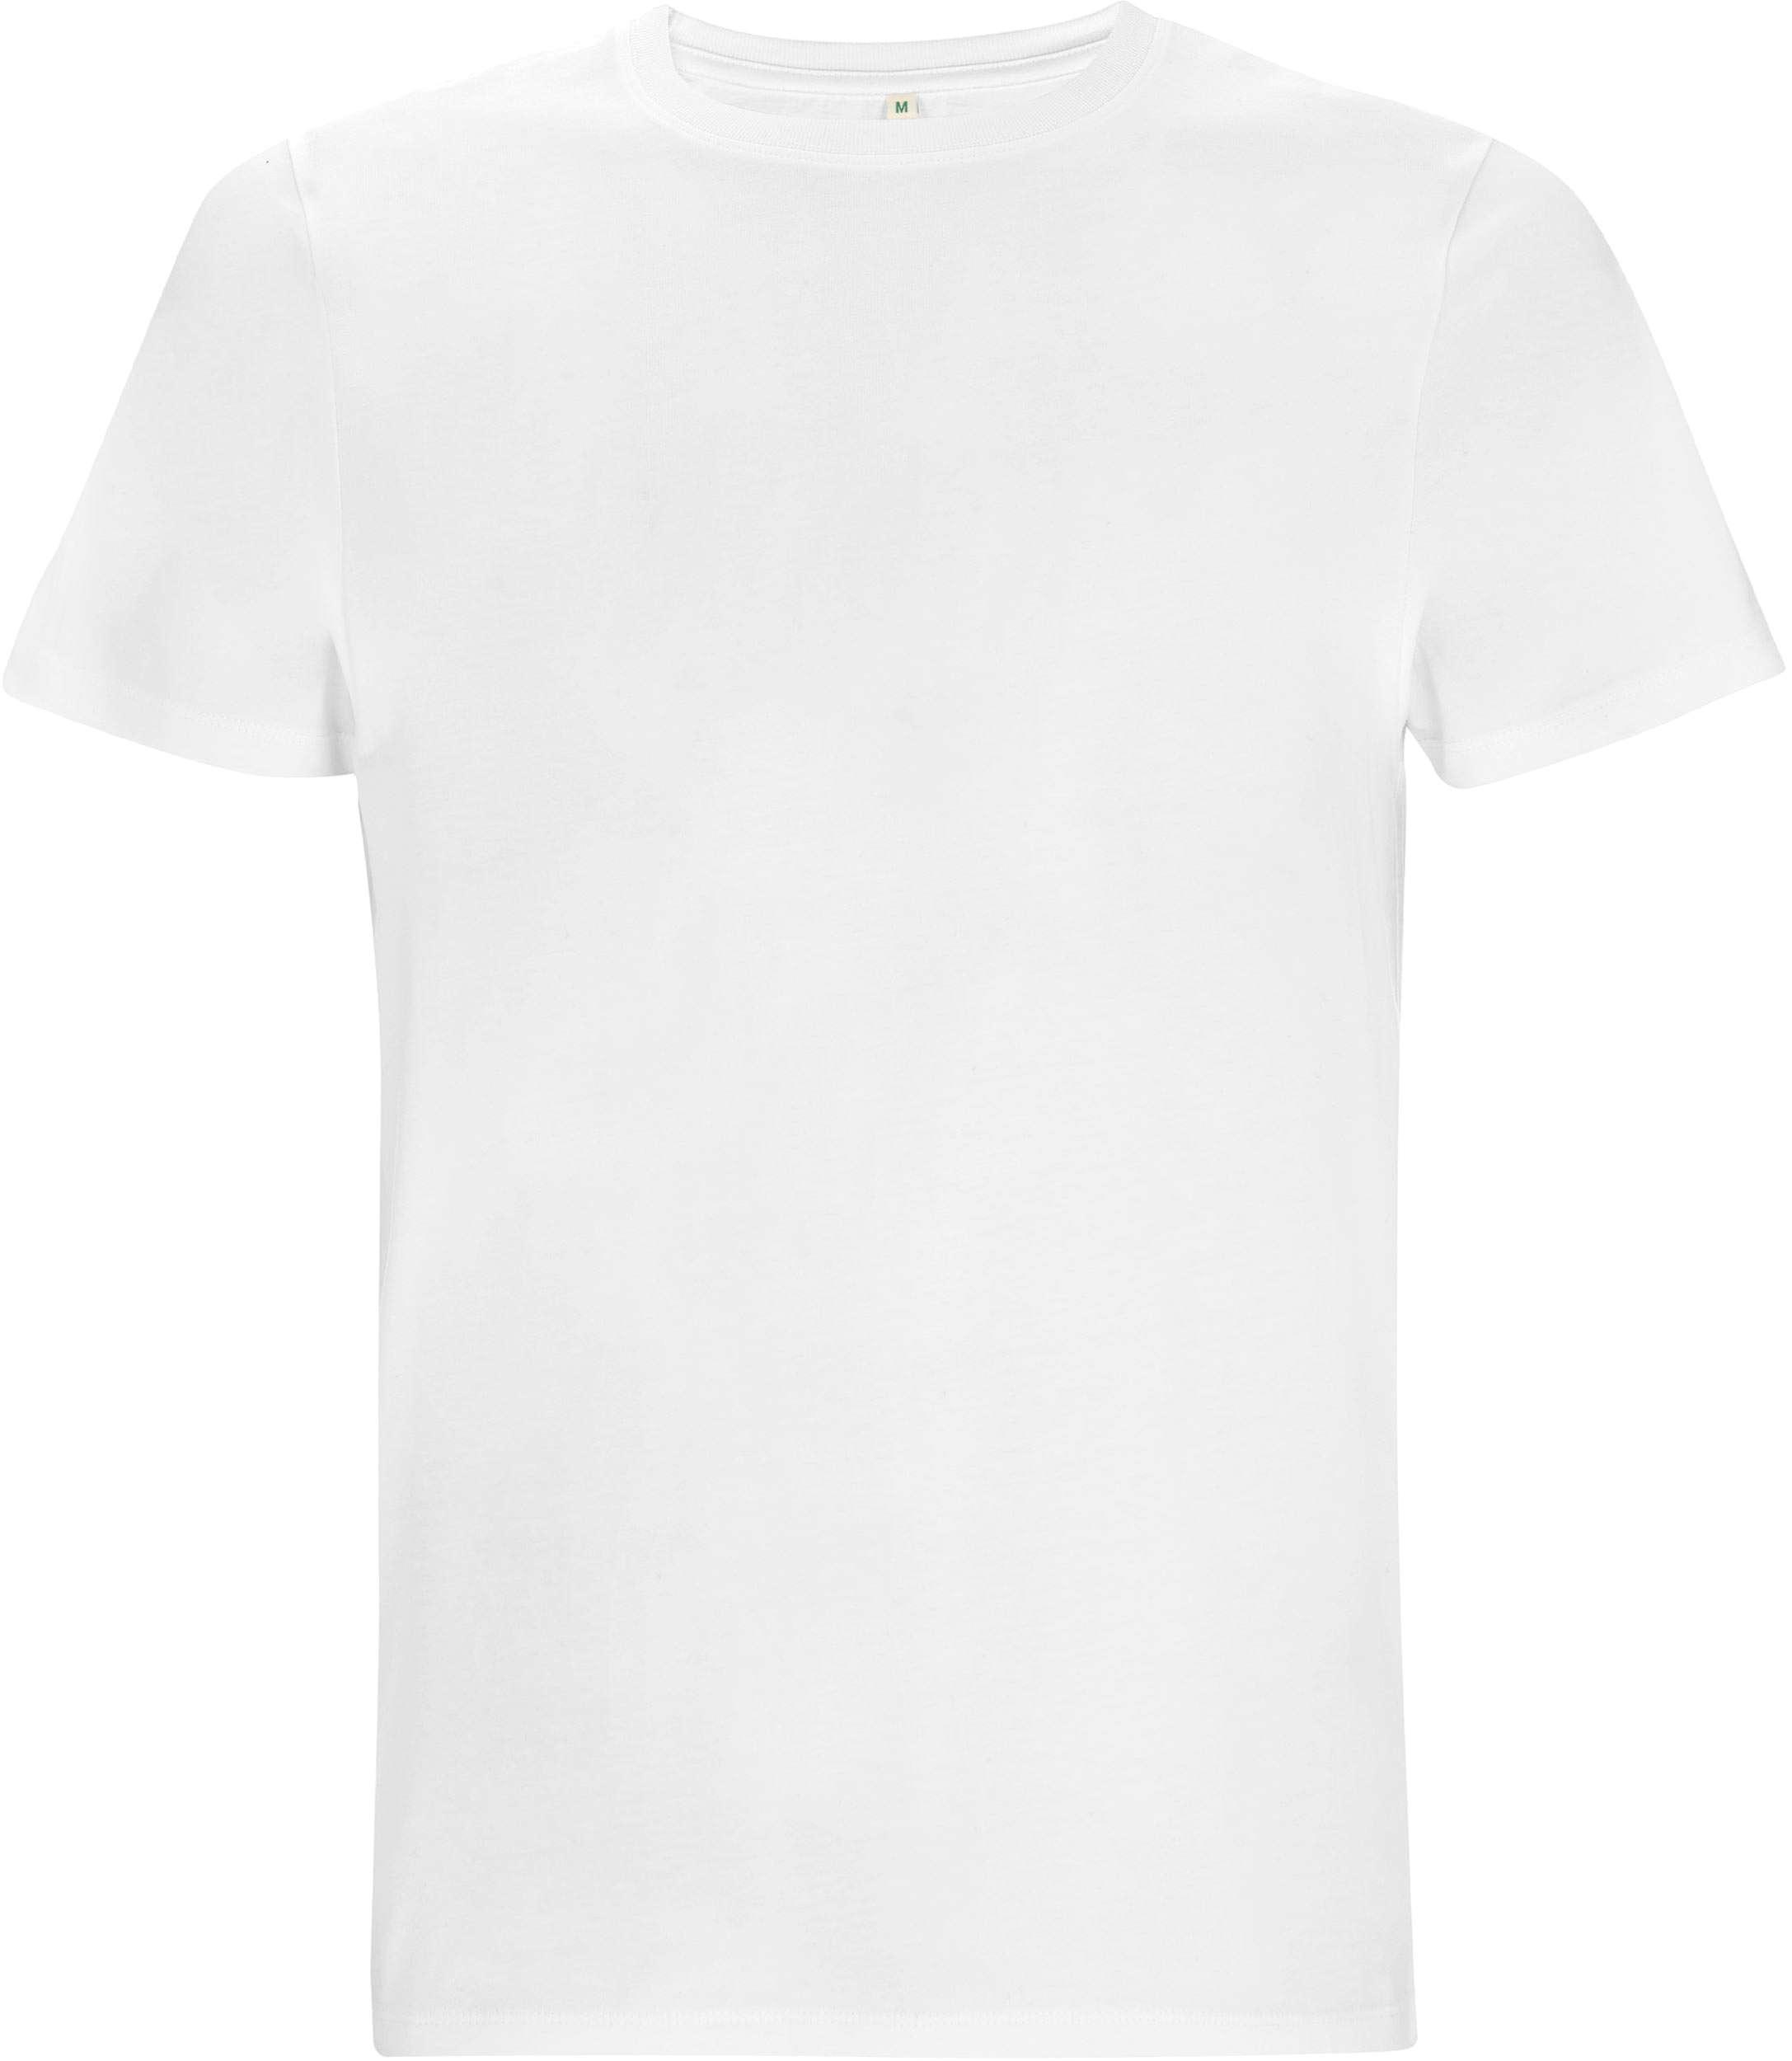 günstige herren t-shirts online kaufen   grundstoff